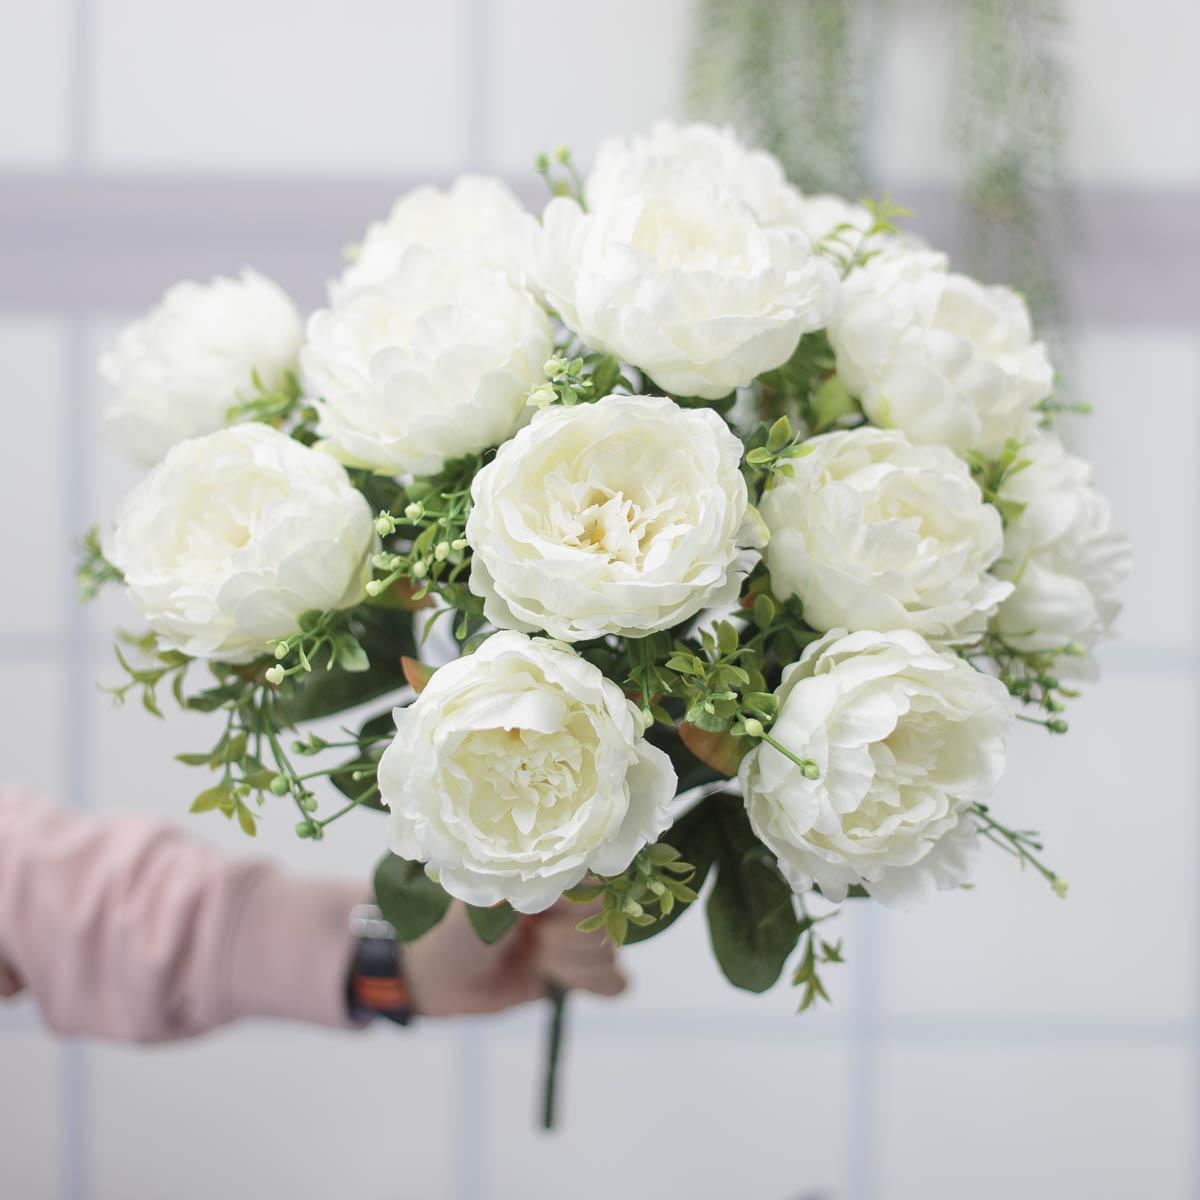 풍성한 작약 꽃 부쉬 핸드헬드